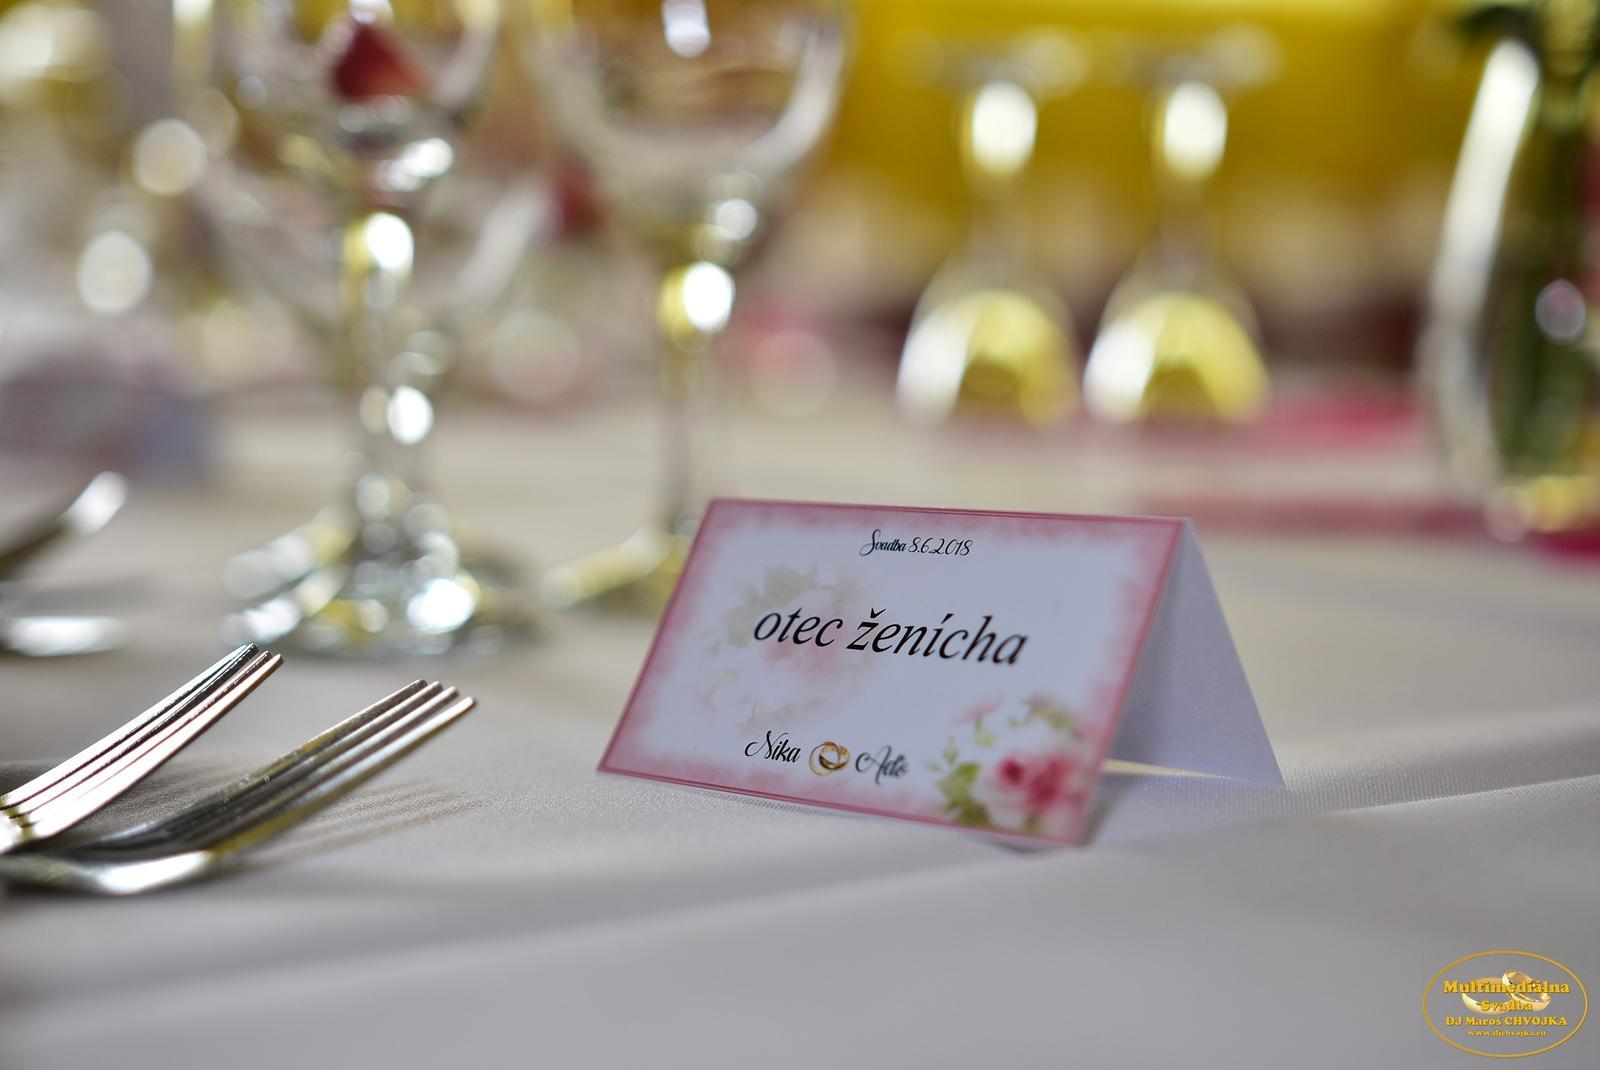 Detaily pre Vaš svadobny deň - svadobne tlačoviny, menovky, zasadaci poriadok od DJ Maroš Chvojka